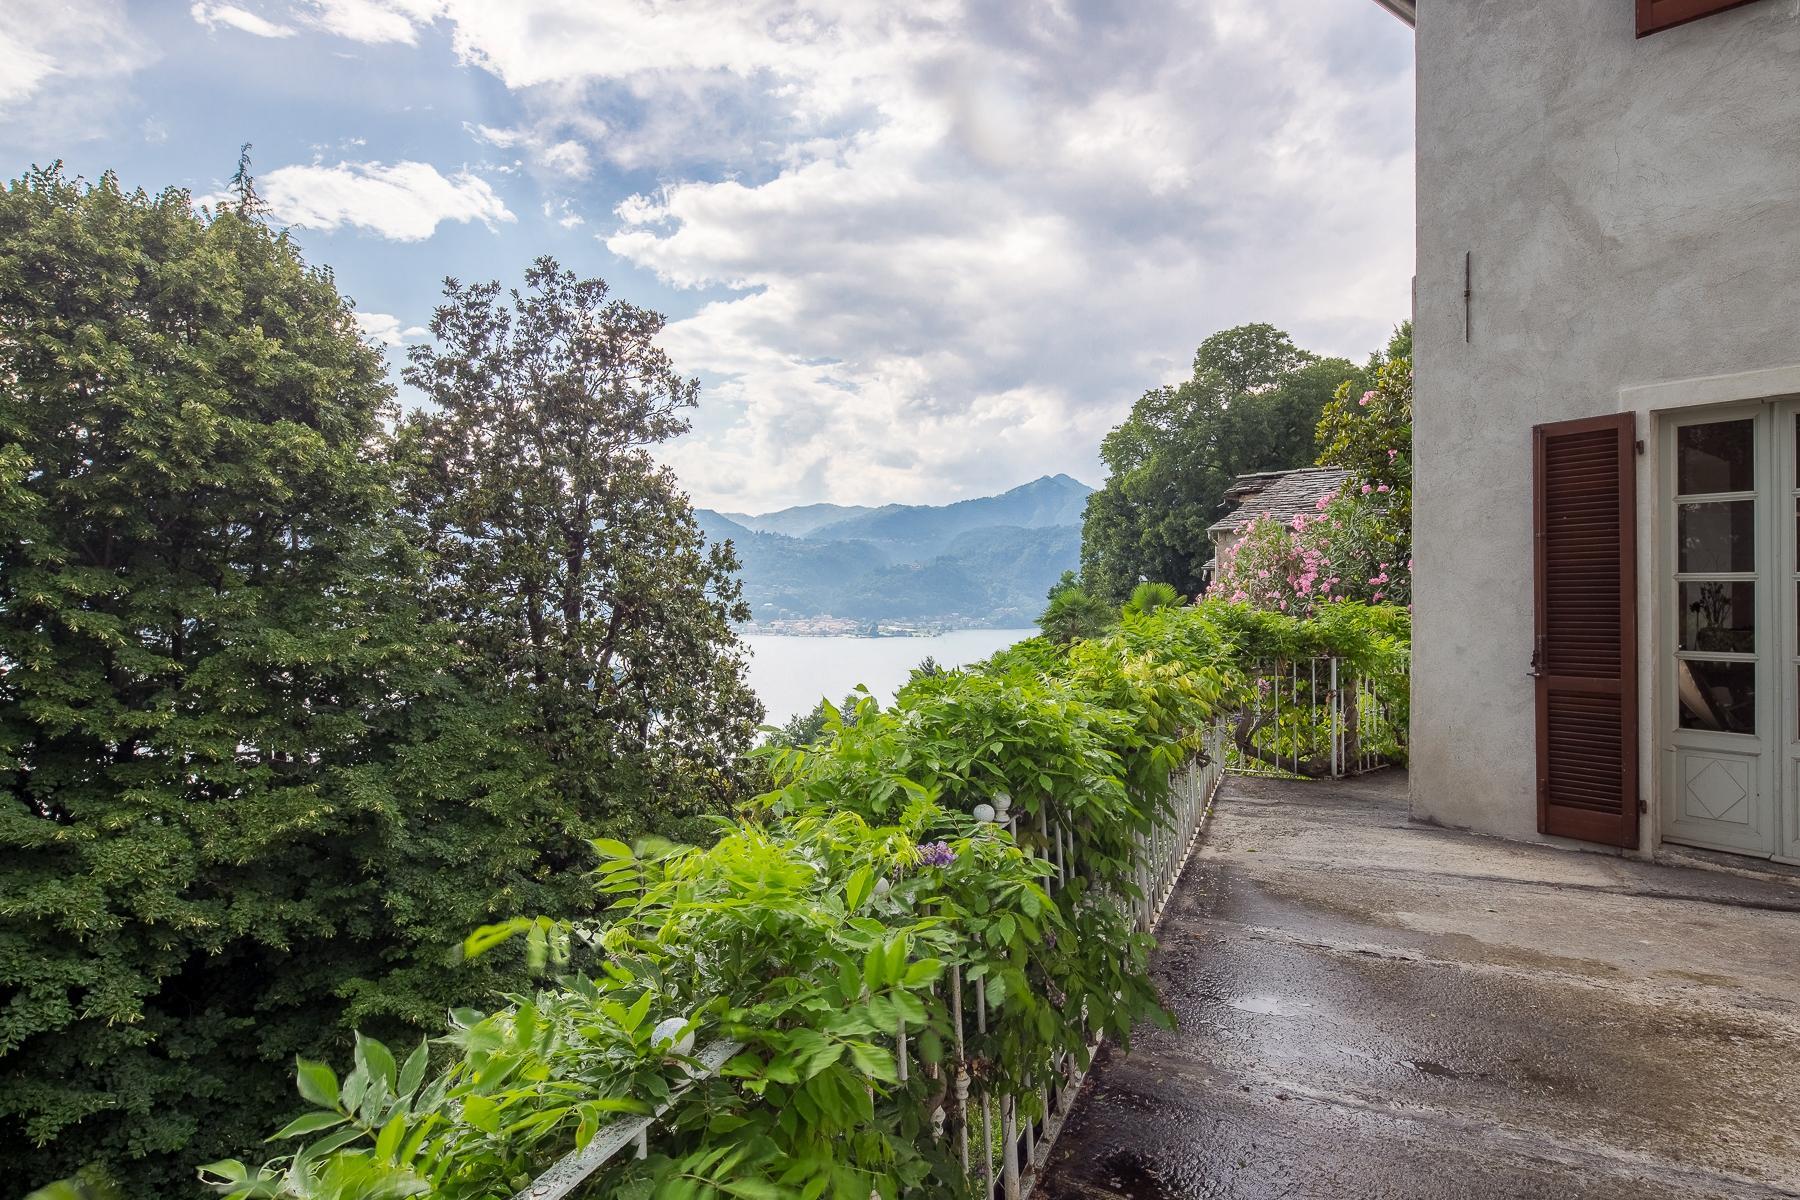 Ancien couvent et Villa du XIXe siècle sur le Sacro Monte - Orta San Giulio - 4